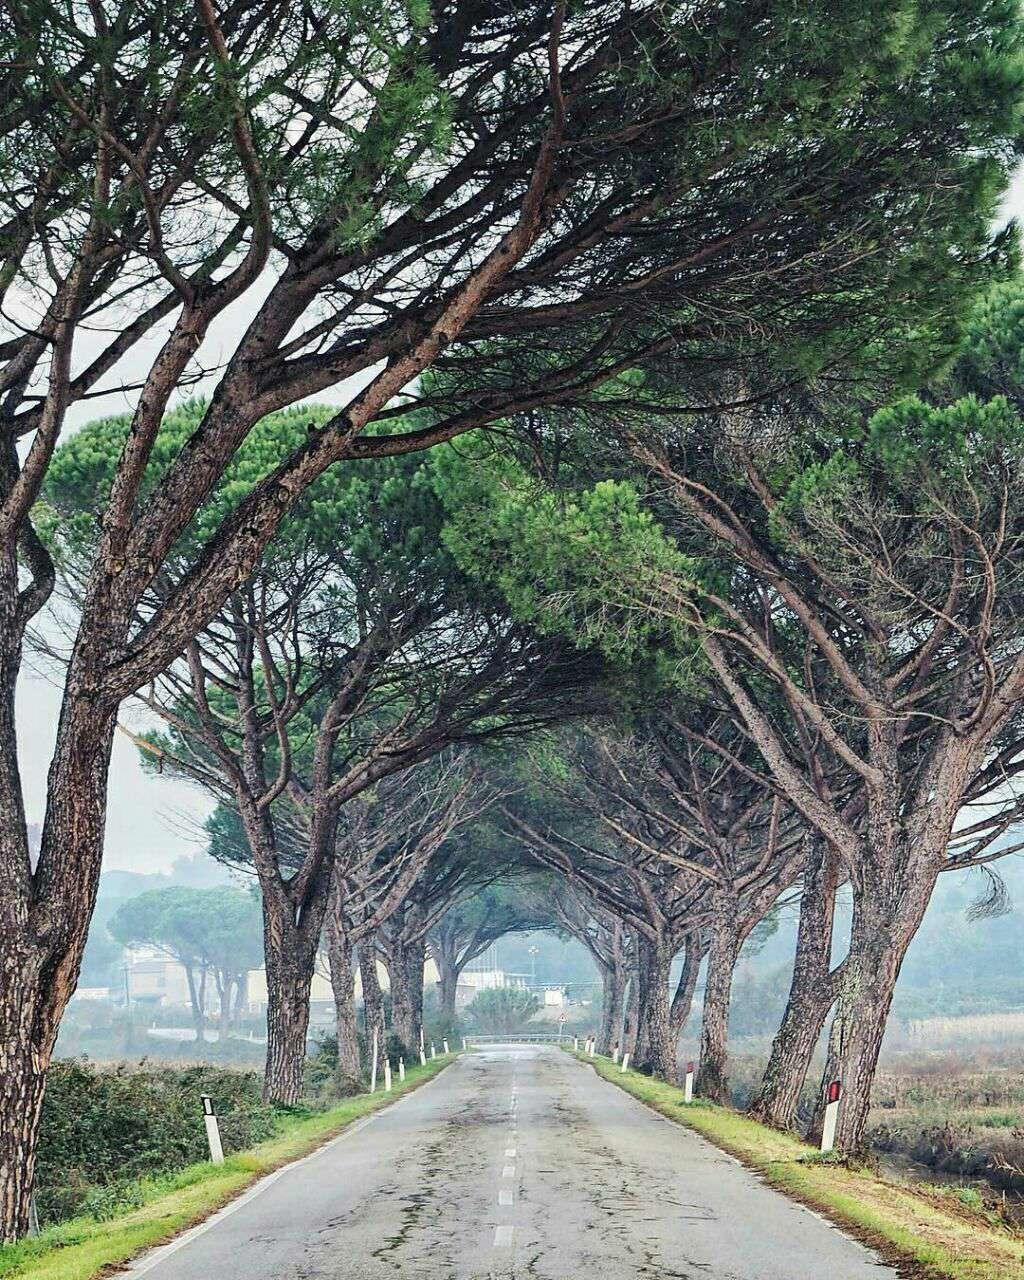 جاده ای محصور میان درختان